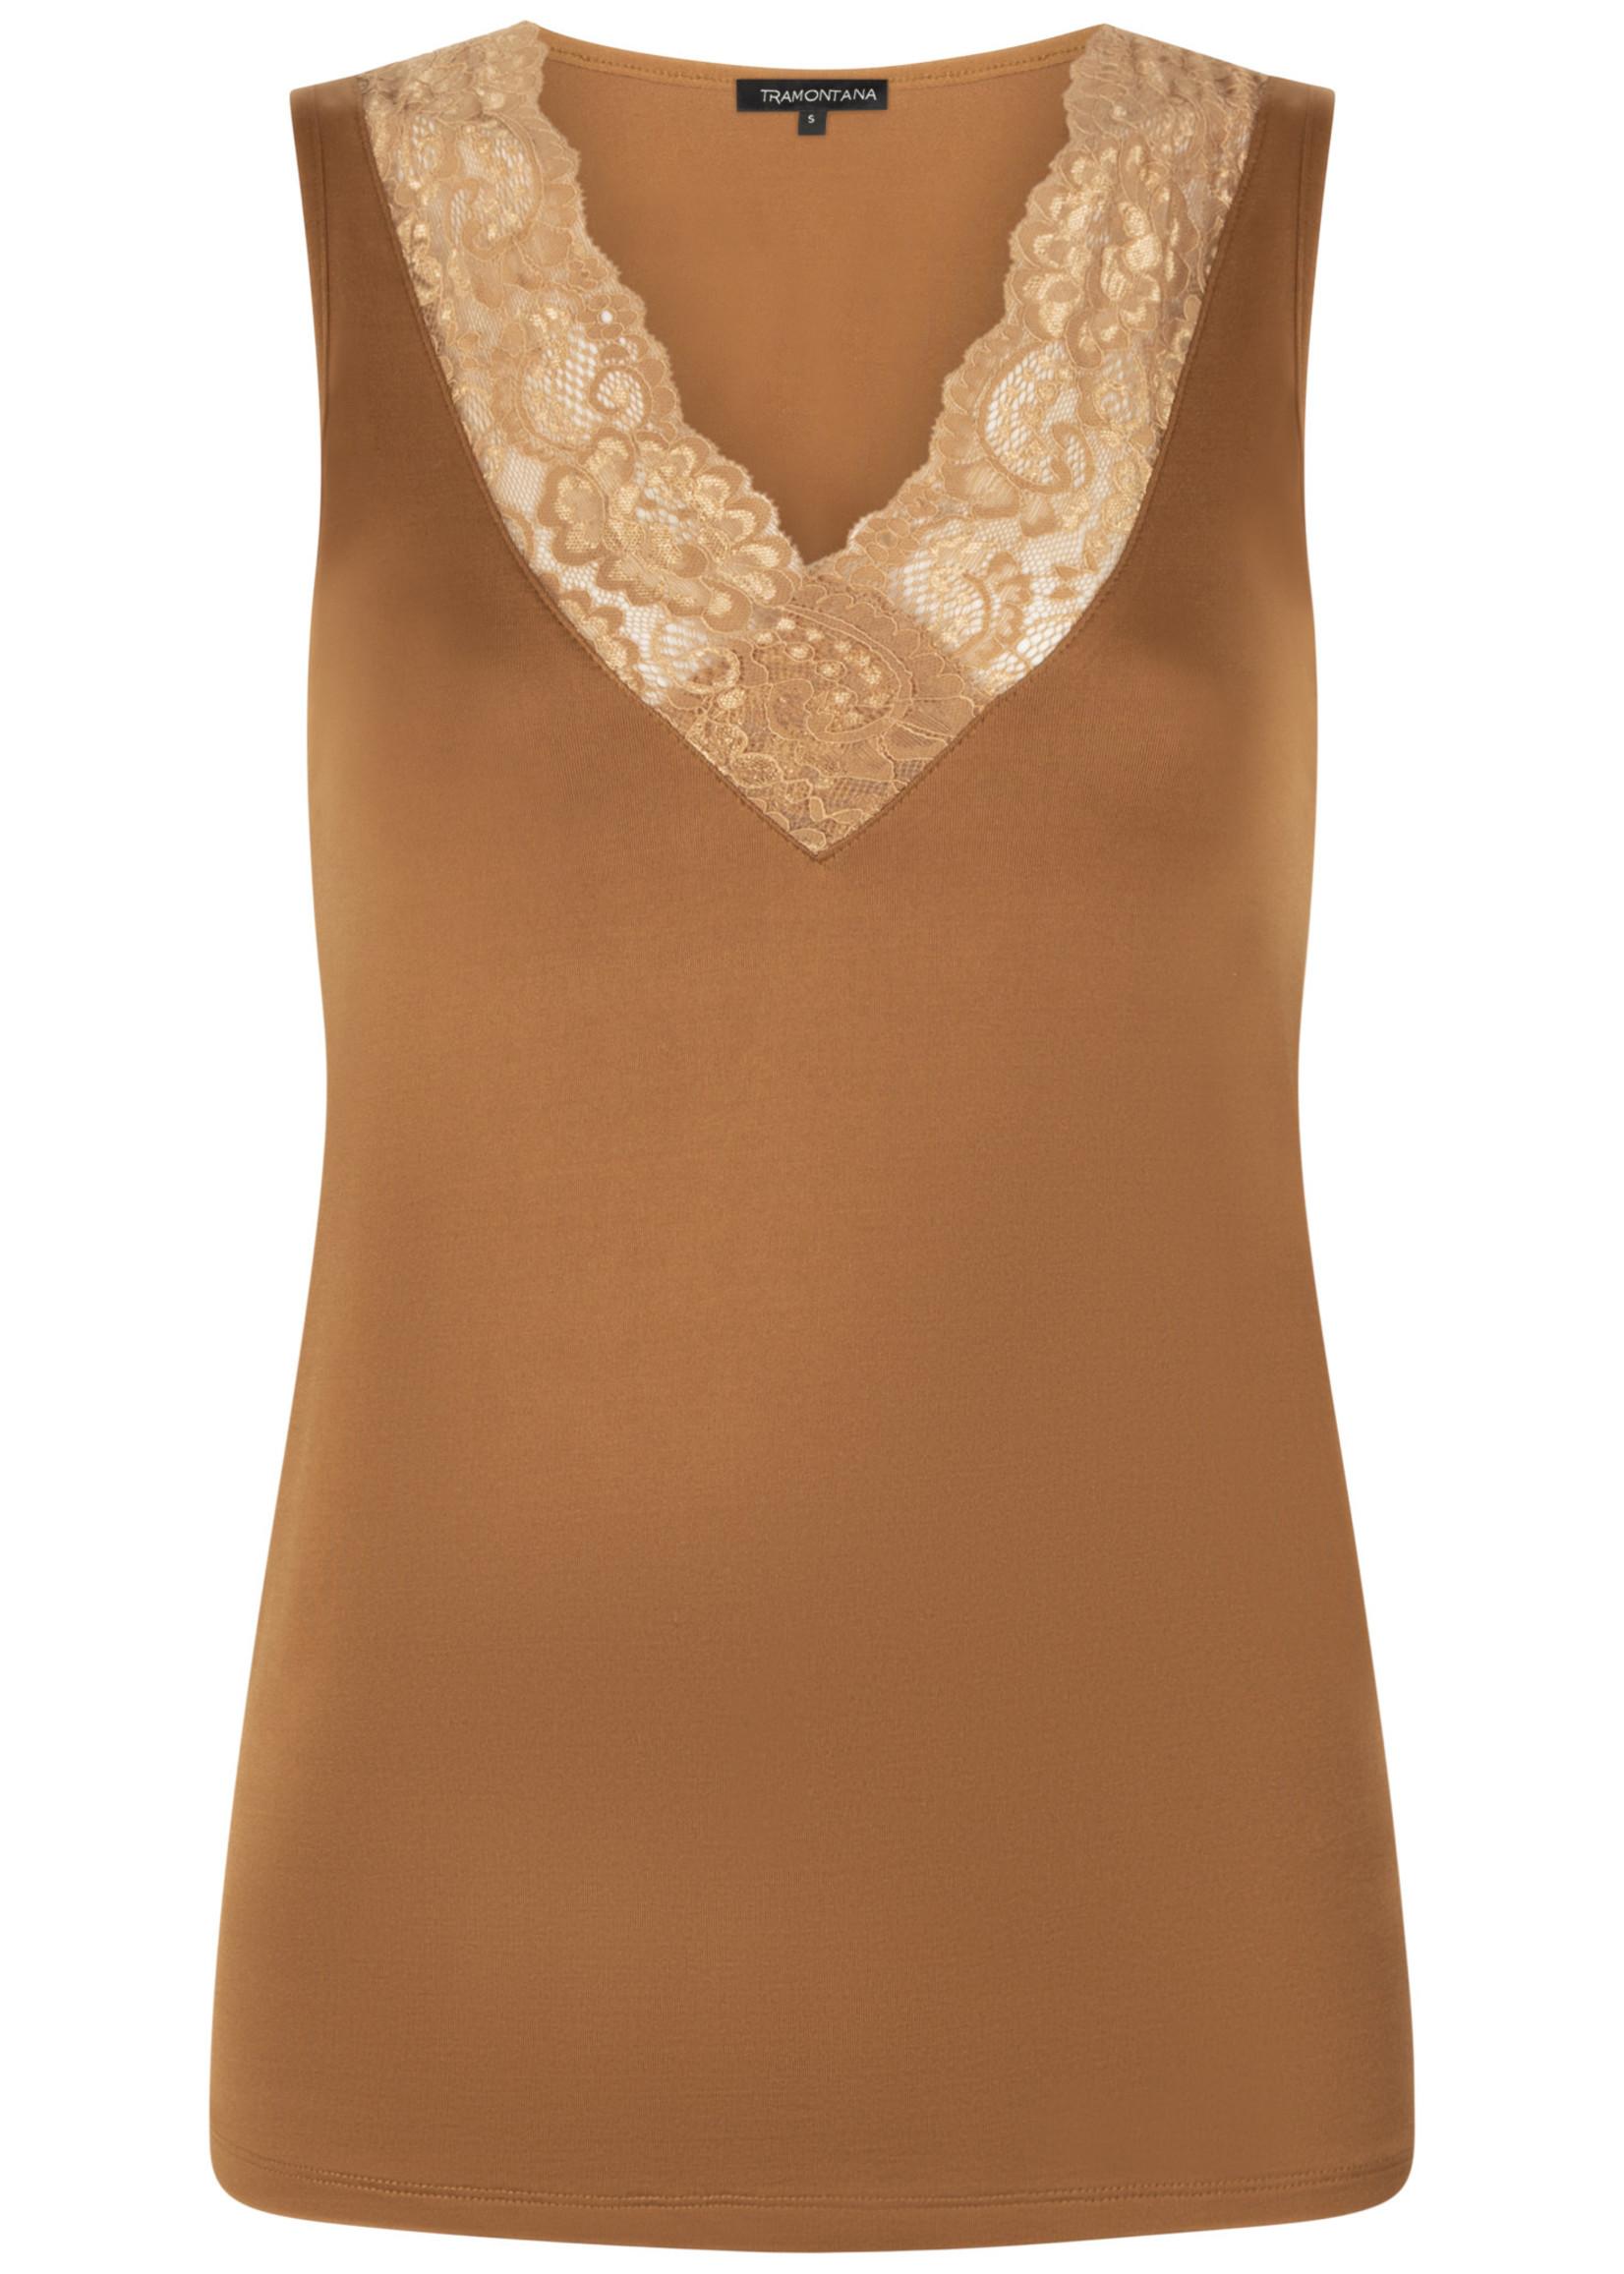 Tramontana Basic Top V-Neck Lace